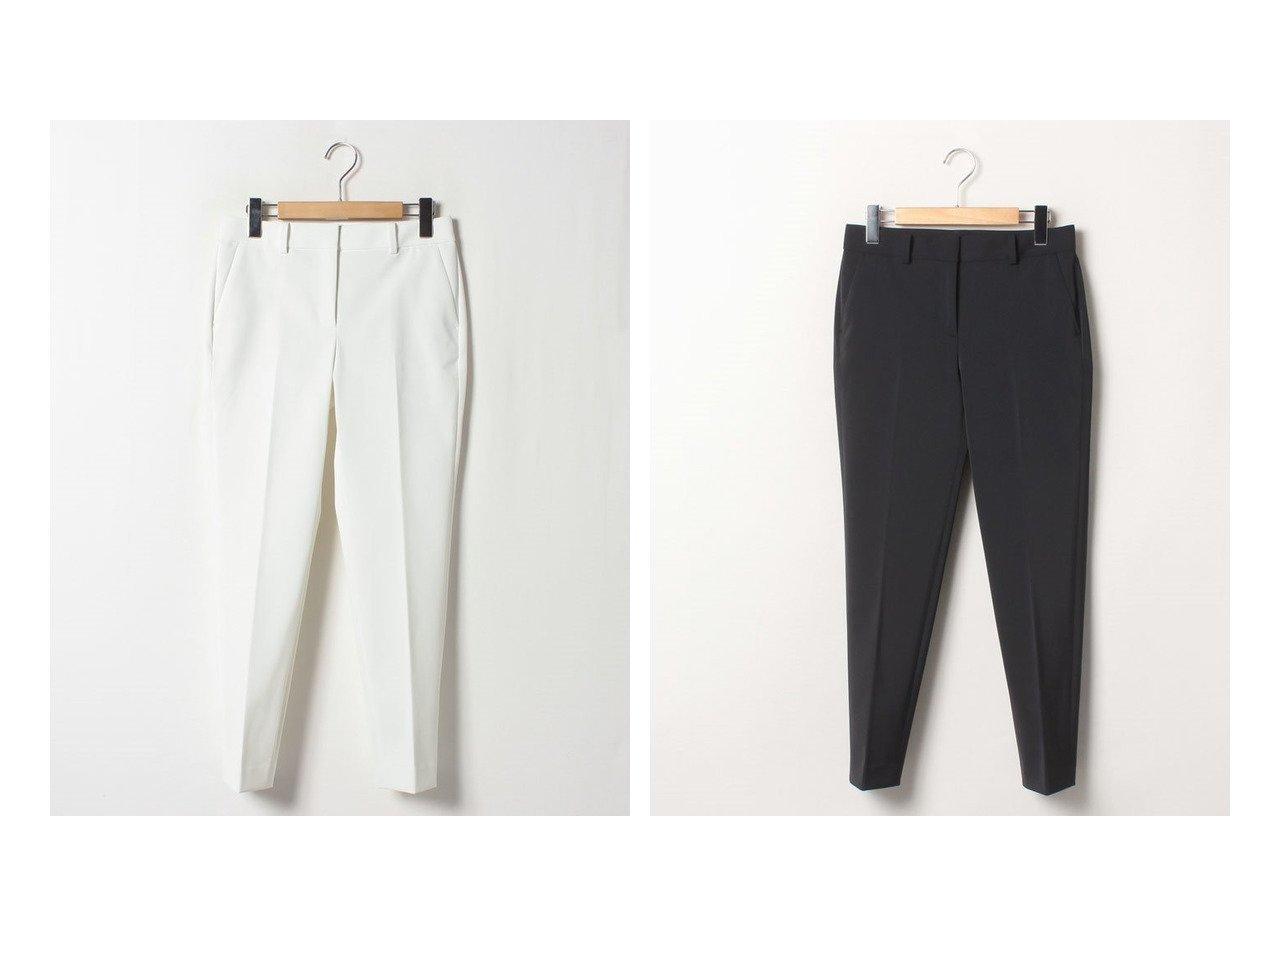 【Theory Luxe/セオリーリュクス】のテーパードパンツ NEW LUCENT SELOSI T おすすめ!人気、トレンド・レディースファッションの通販  おすすめで人気の流行・トレンド、ファッションの通販商品 メンズファッション・キッズファッション・インテリア・家具・レディースファッション・服の通販 founy(ファニー) https://founy.com/ ファッション Fashion レディースファッション WOMEN パンツ Pants ストレッチ フィット ポケット |ID:crp329100000014095